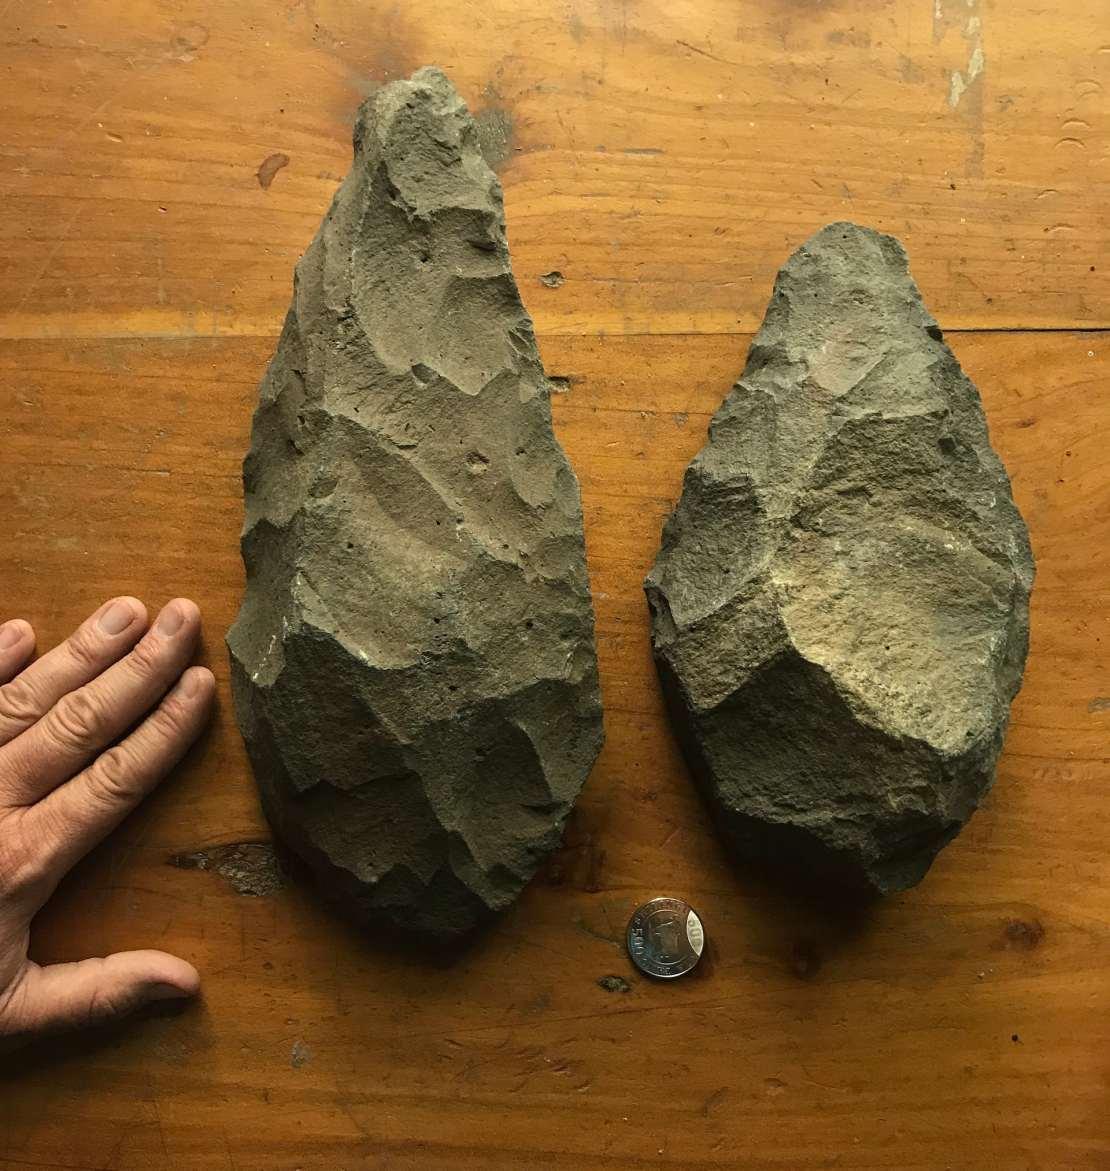 Image of handaxes made by Homo erectus, from Lake Natron, Tanzania.